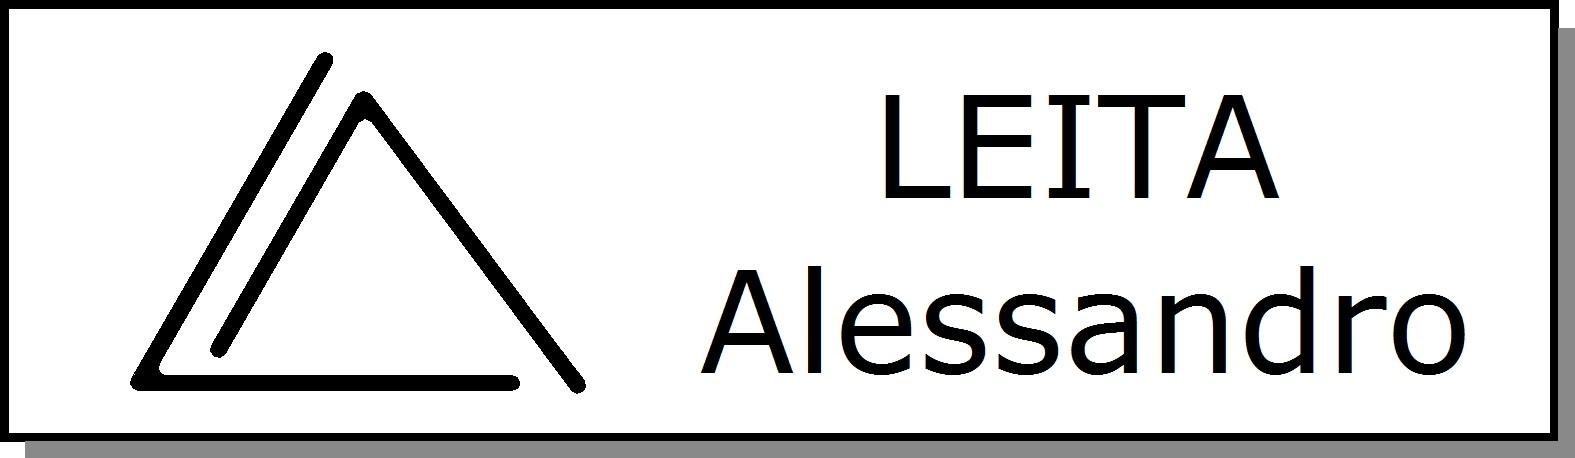 Leita Alessandro